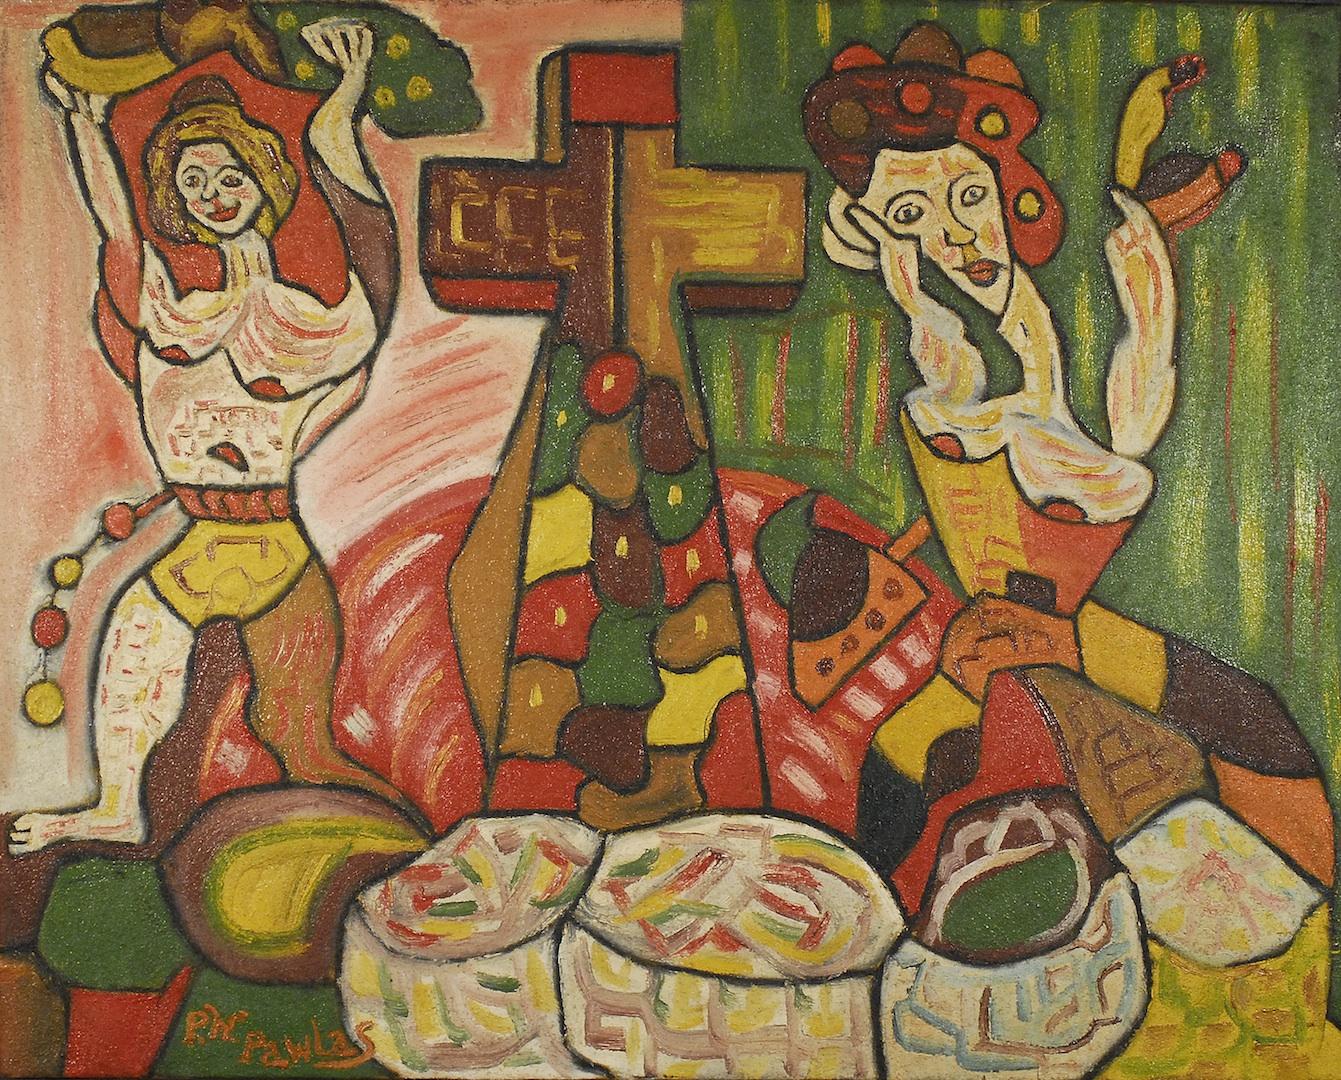 Samson i Dalila, 1990